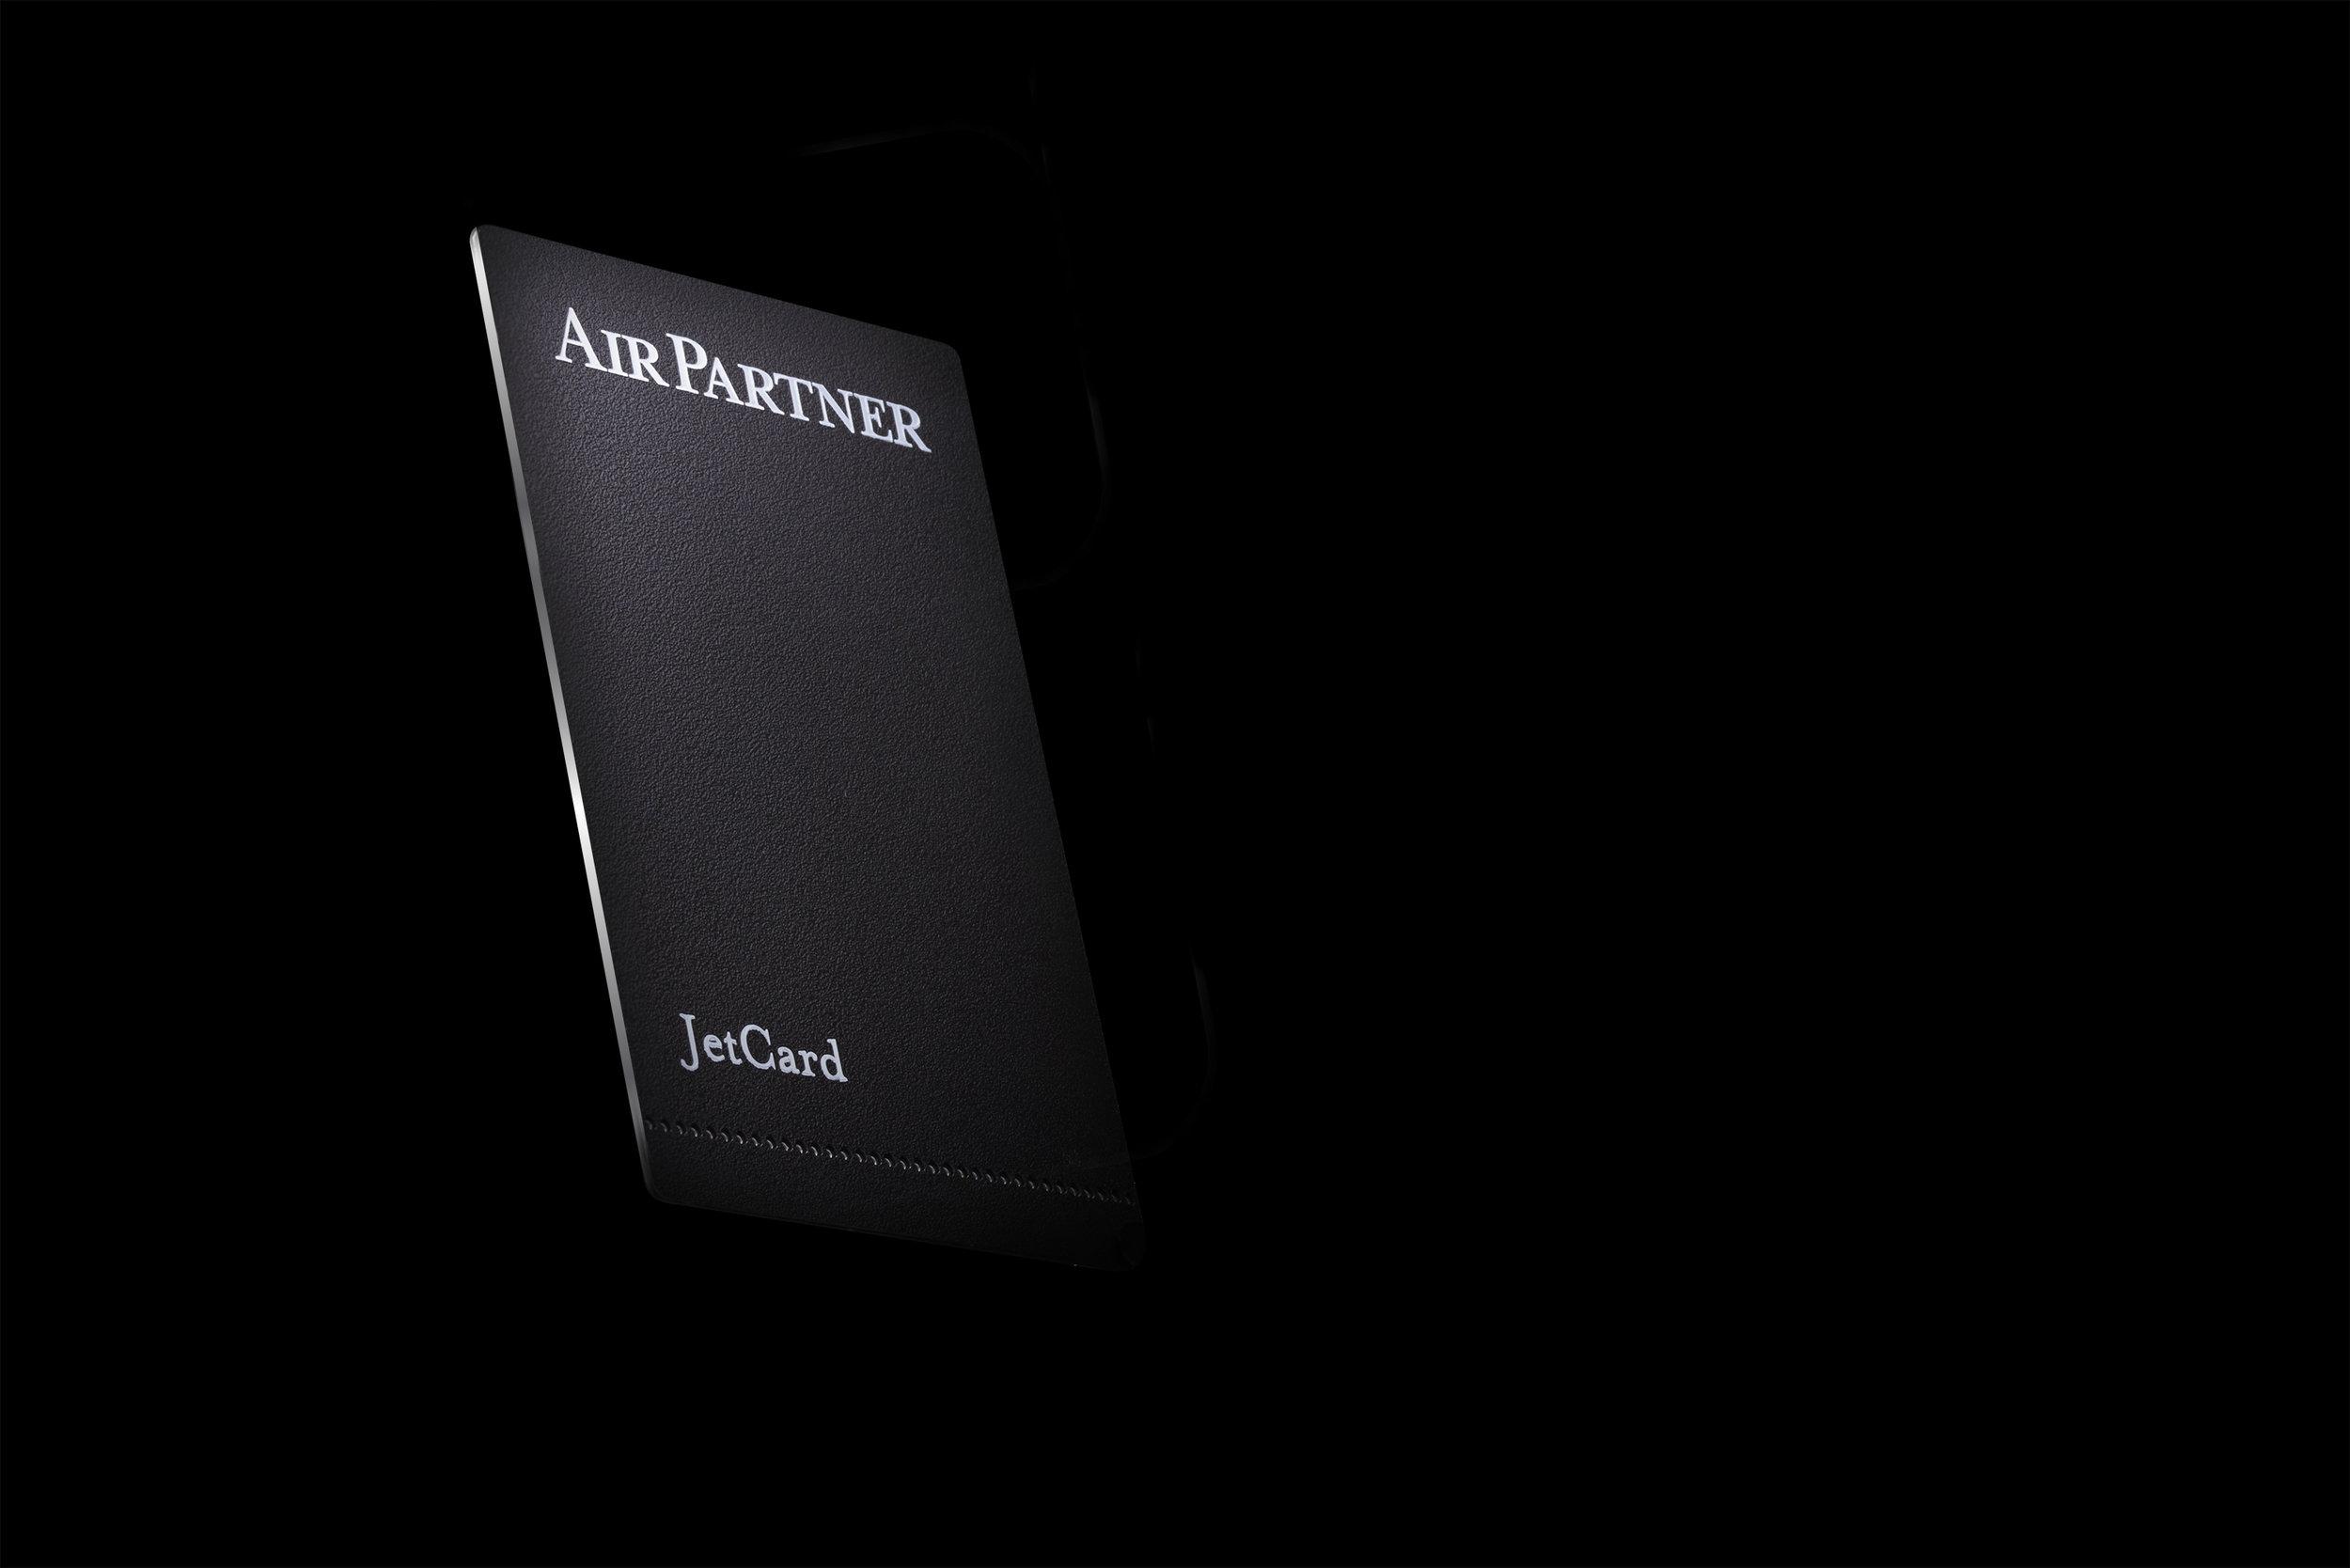 SIMPLE D'UTILISATION:ACHETEZ DES HEURESDE VOLÀ L'AVANCE ETVOLEZ COMMEVOUSLE SOUHAITEZ ! - La JetCard vous permet d'acheter 25 heures de vol ou plus à l'avance parmi un choix de 6 catégories de jets, avec une disponibilité garantie